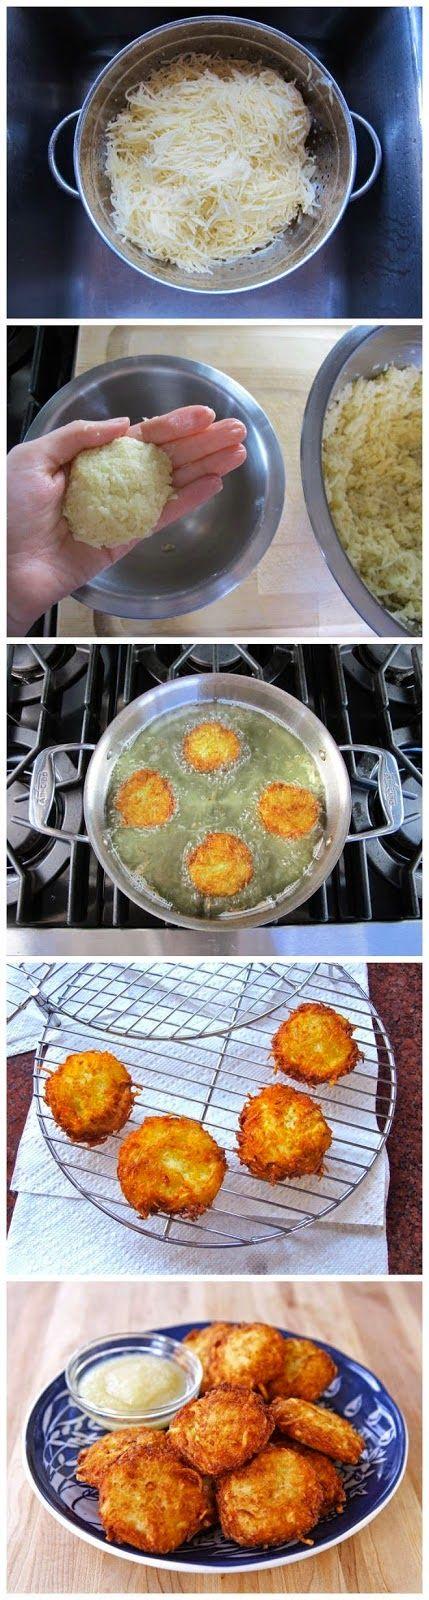 ... crispy panko potato latkes crispy panko potato latkes 9 crispy panko